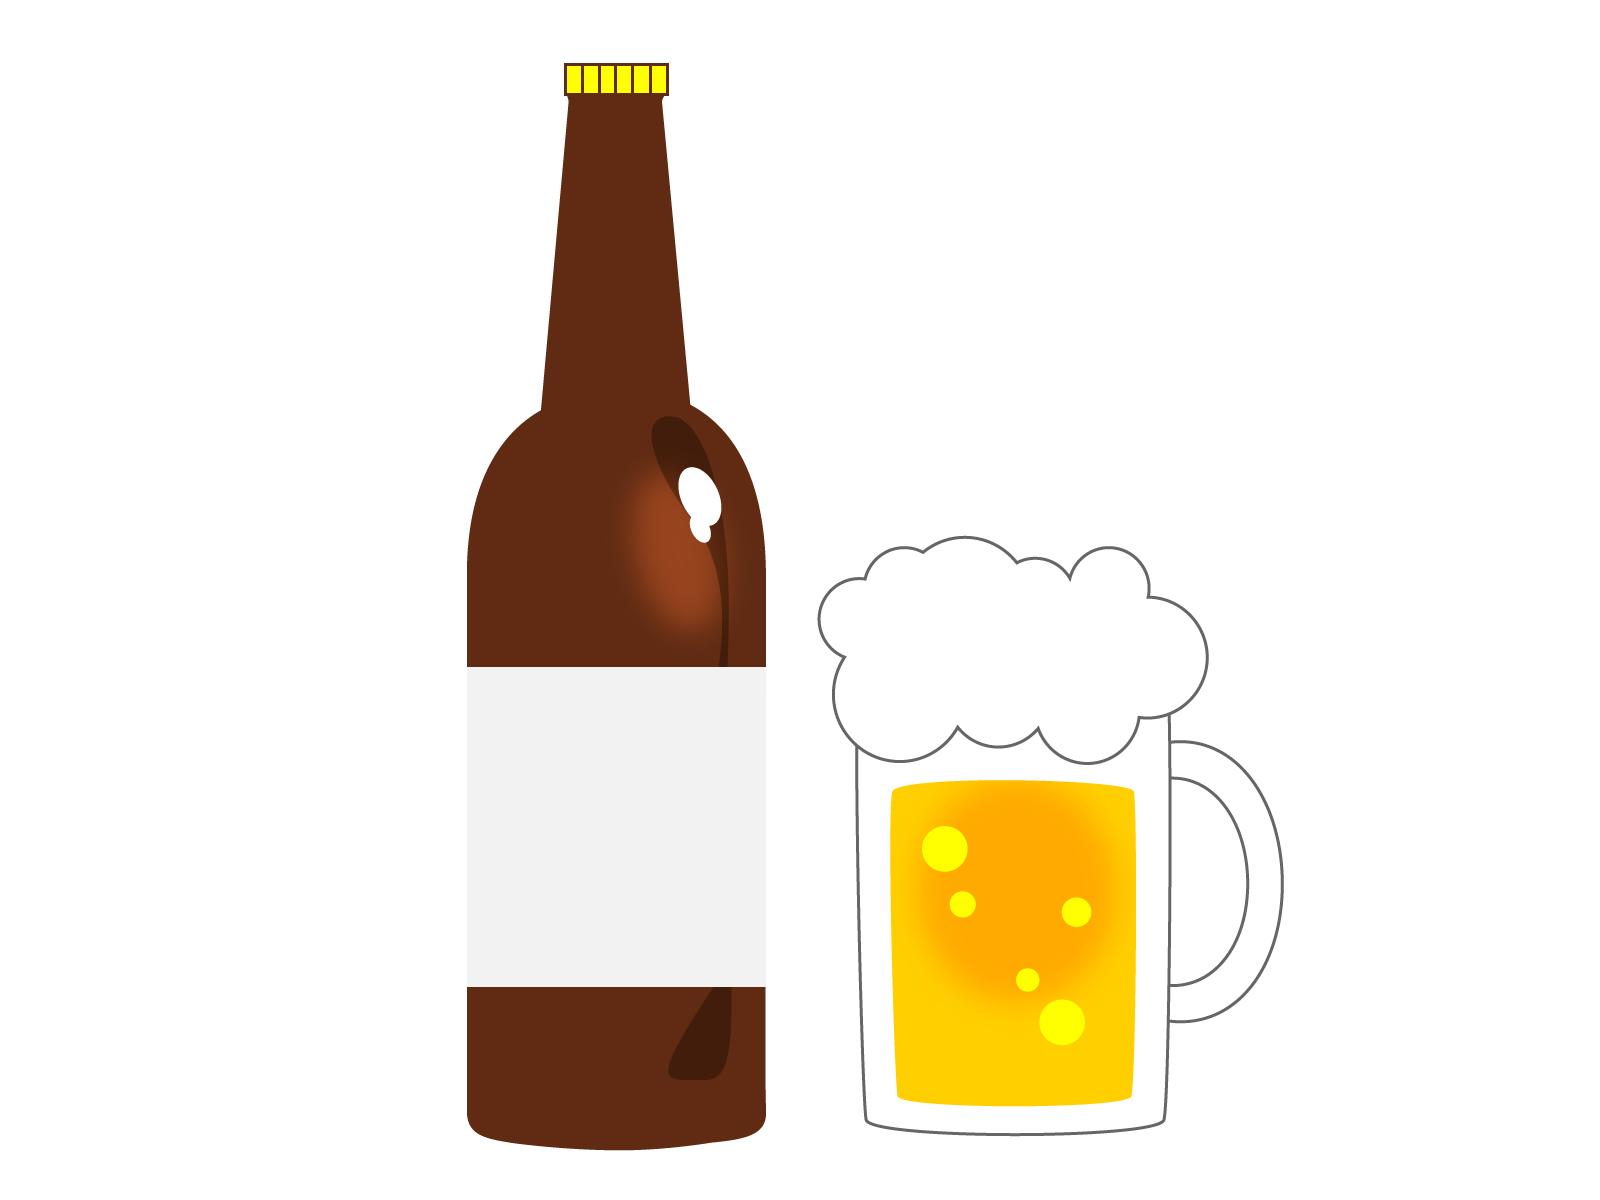 痛風経験談 原さん編③痛風患者にお勧めなお酒の飲み方